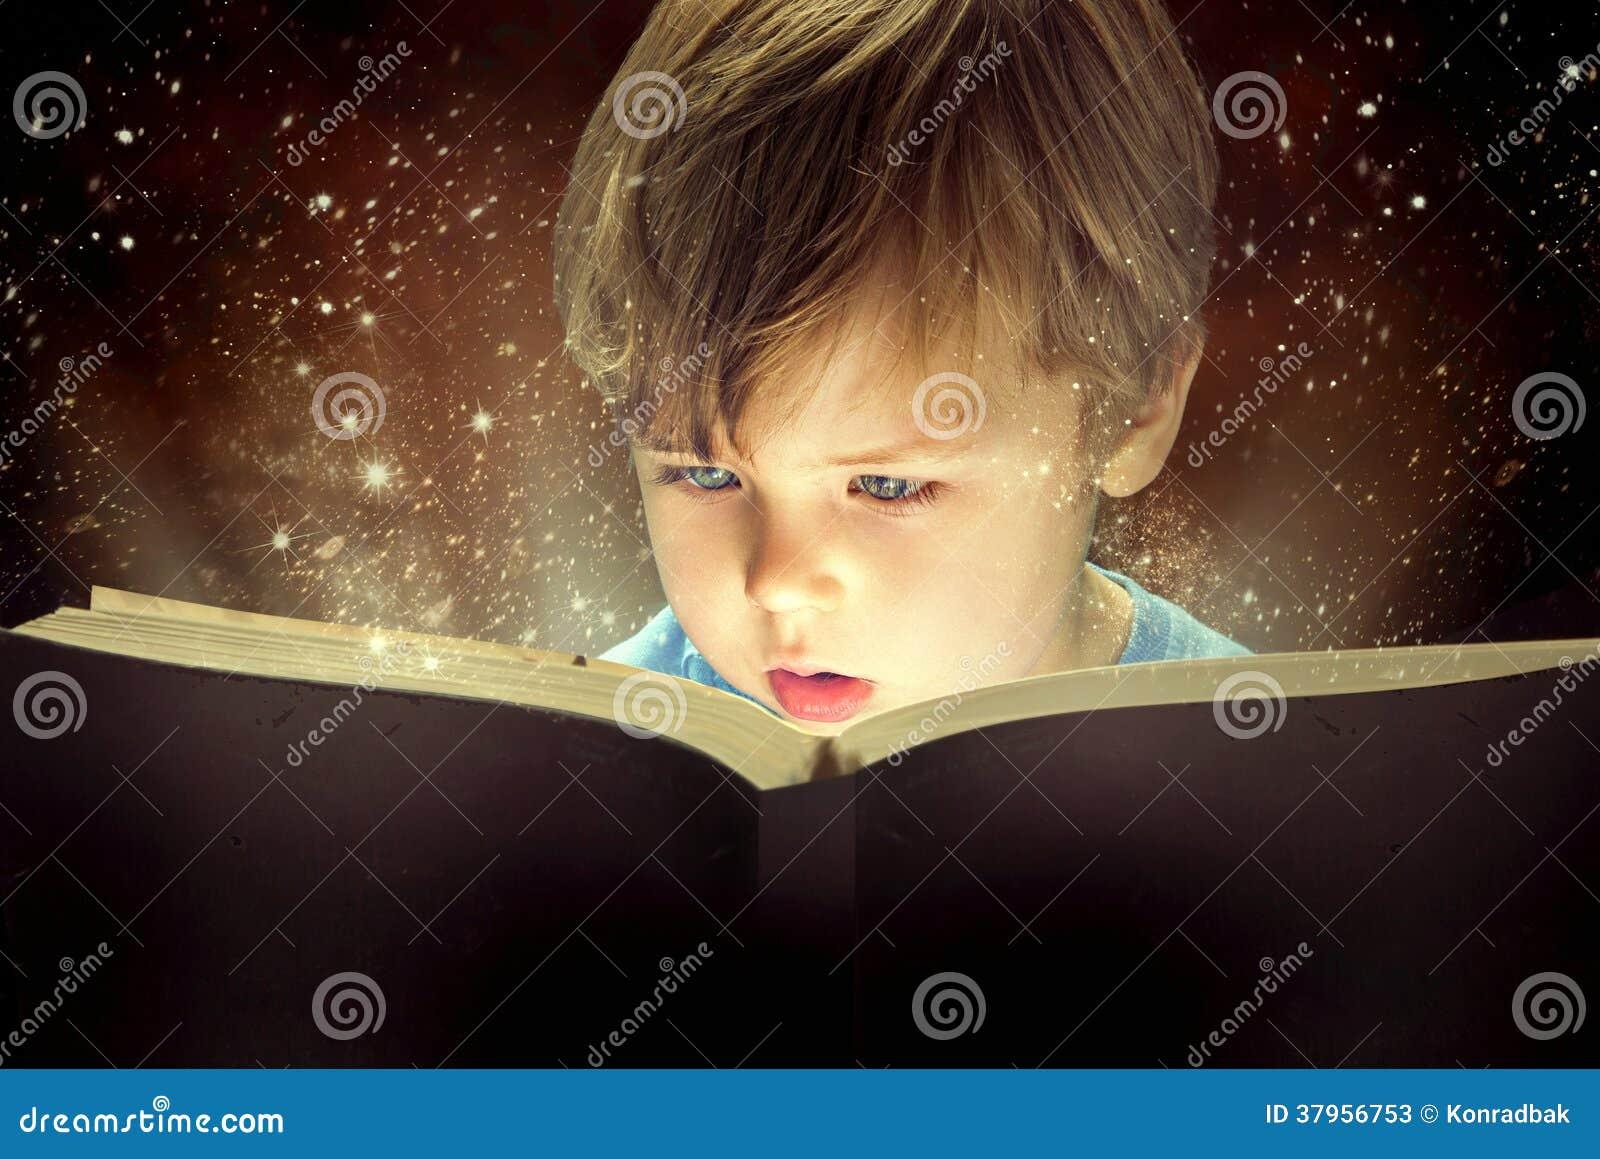 Kleiner Junge und das magische Buch